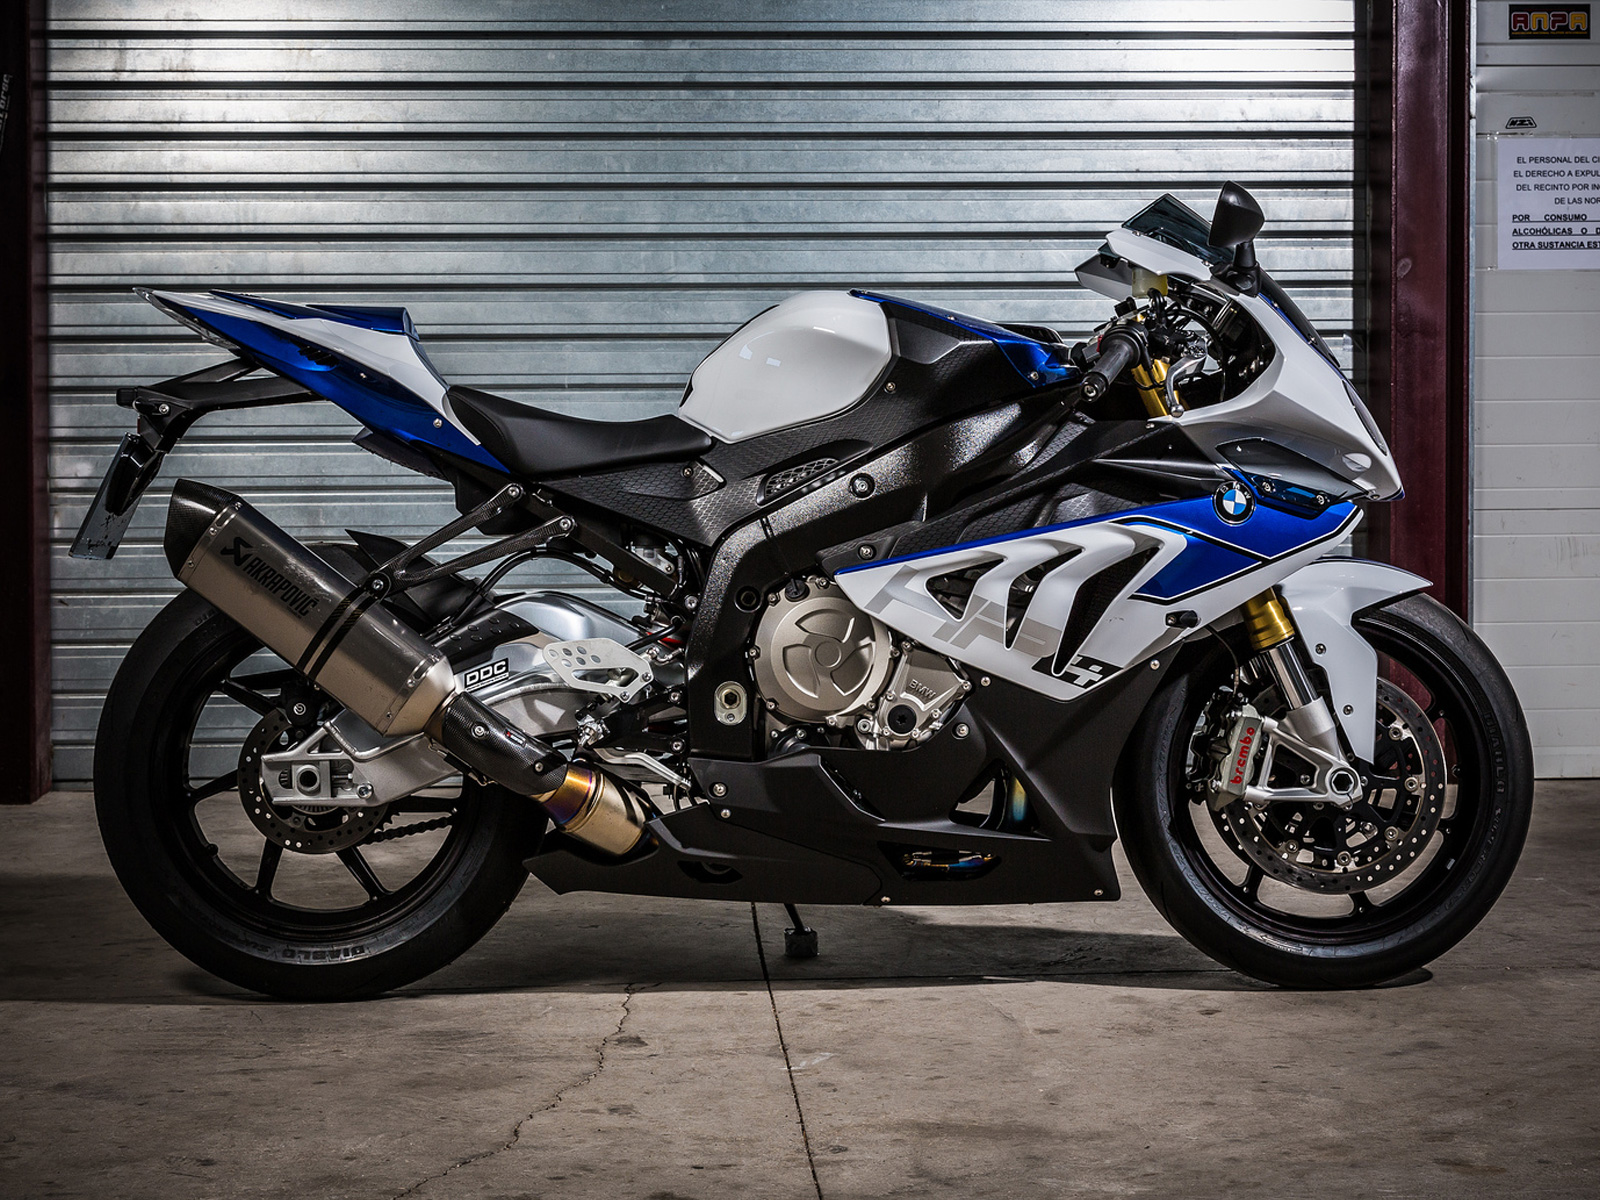 Bmw R1 Ducati Panigale V4 Vs Bmw S 1000 Rr Vs Yamaha Yzf